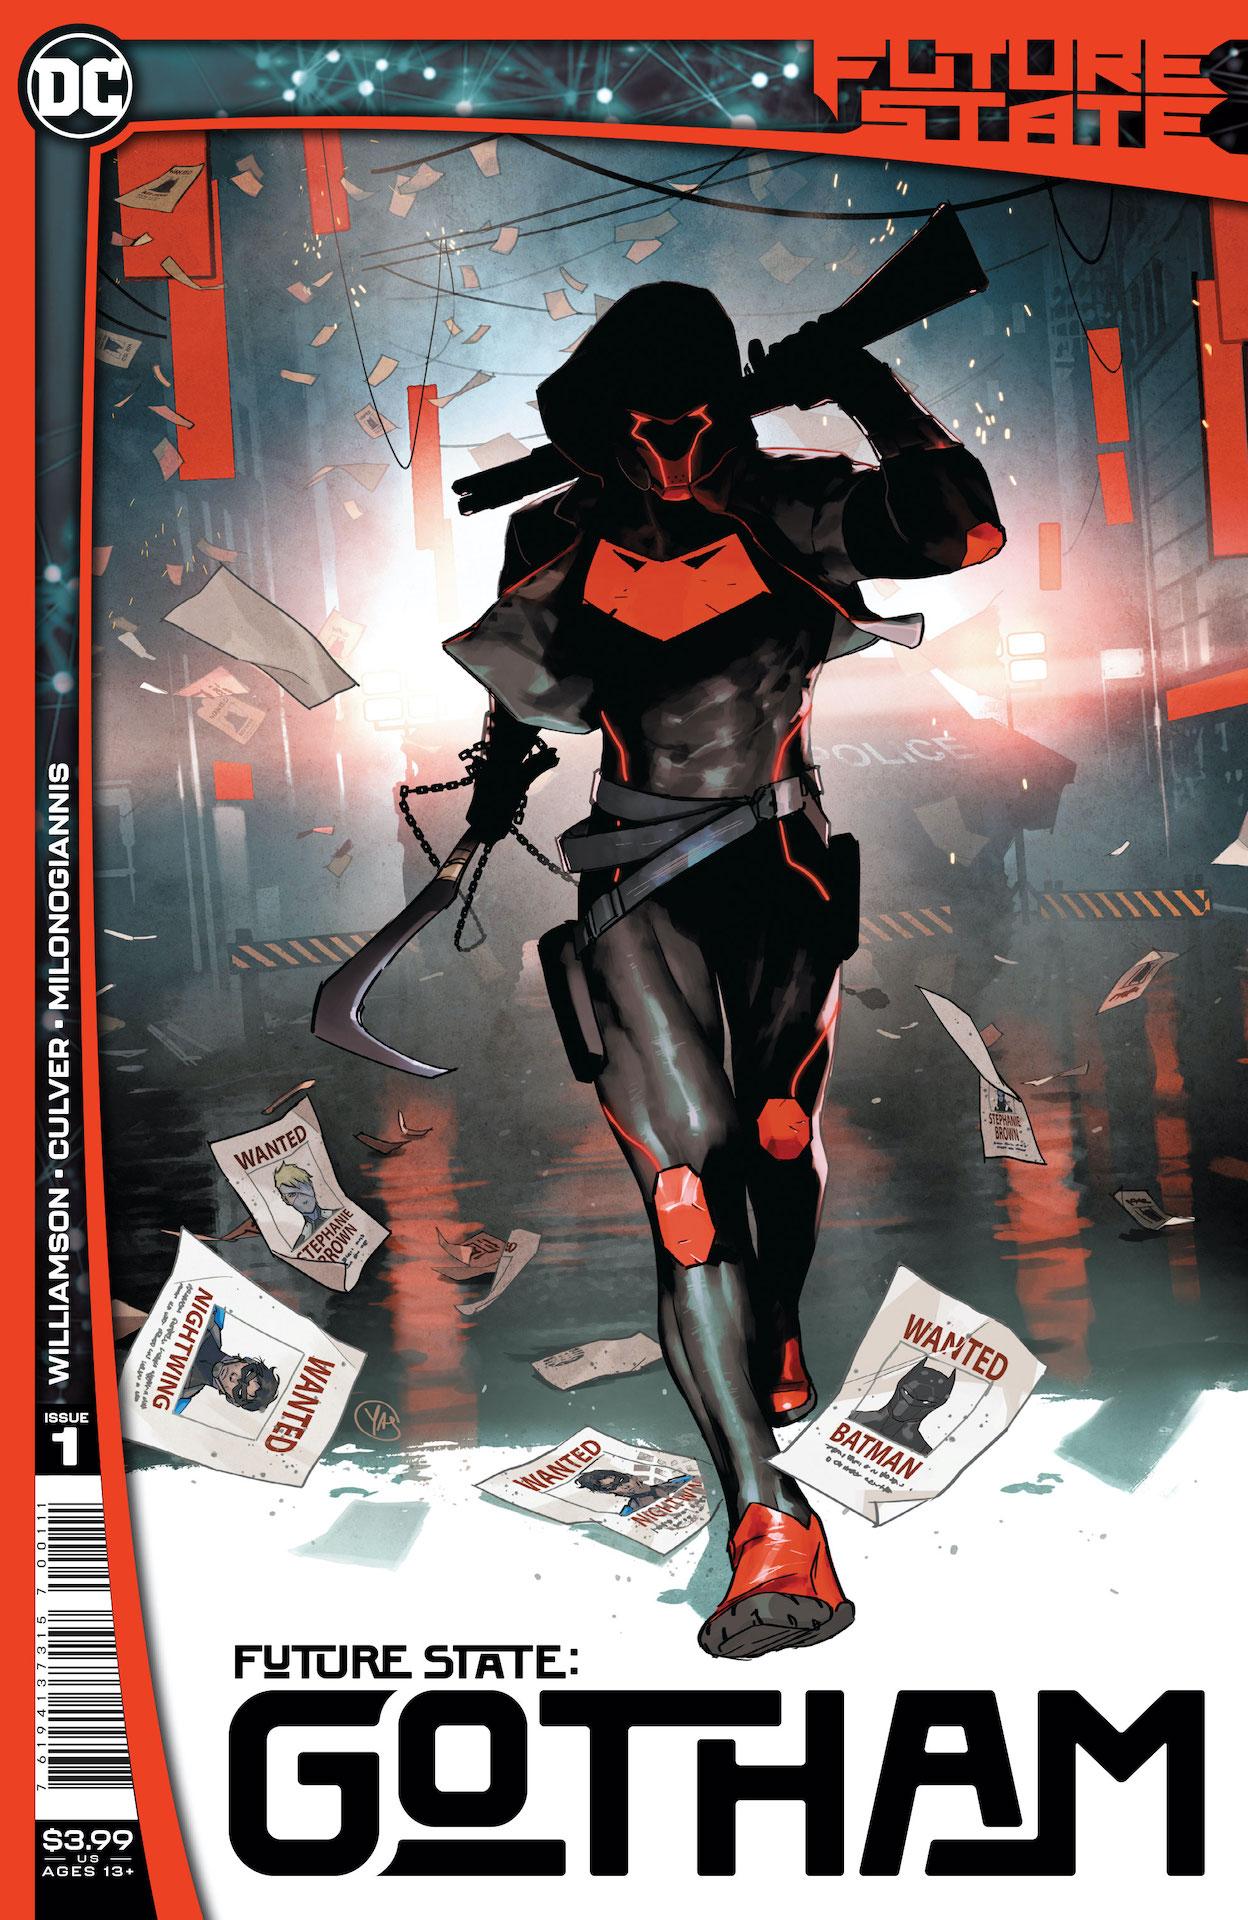 Future-State-Gotham-1-1